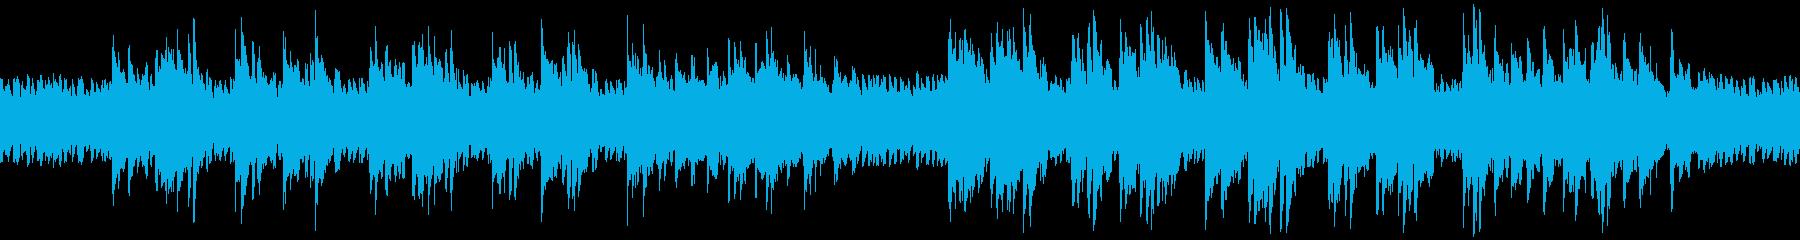 アコギ生演奏のみ アルペジオ優しい映像にの再生済みの波形